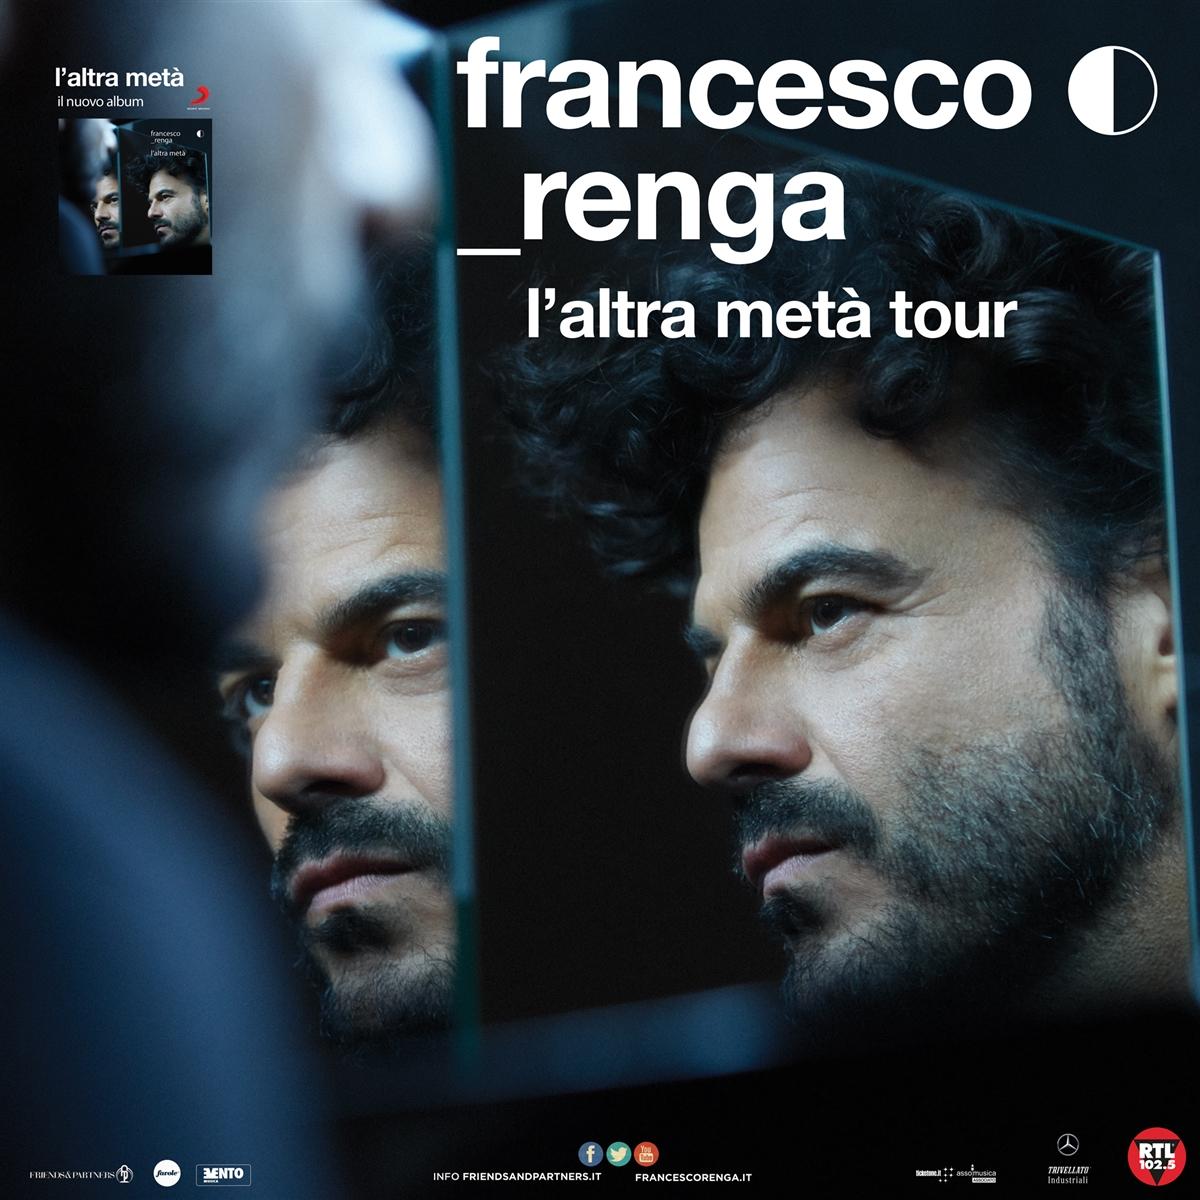 """ARRIVA VENERDÌ AL GRAN TEATRO PALADIANFLEX FRANCESCO RENGA CON """"L'ALTRA METÀ TOUR"""""""